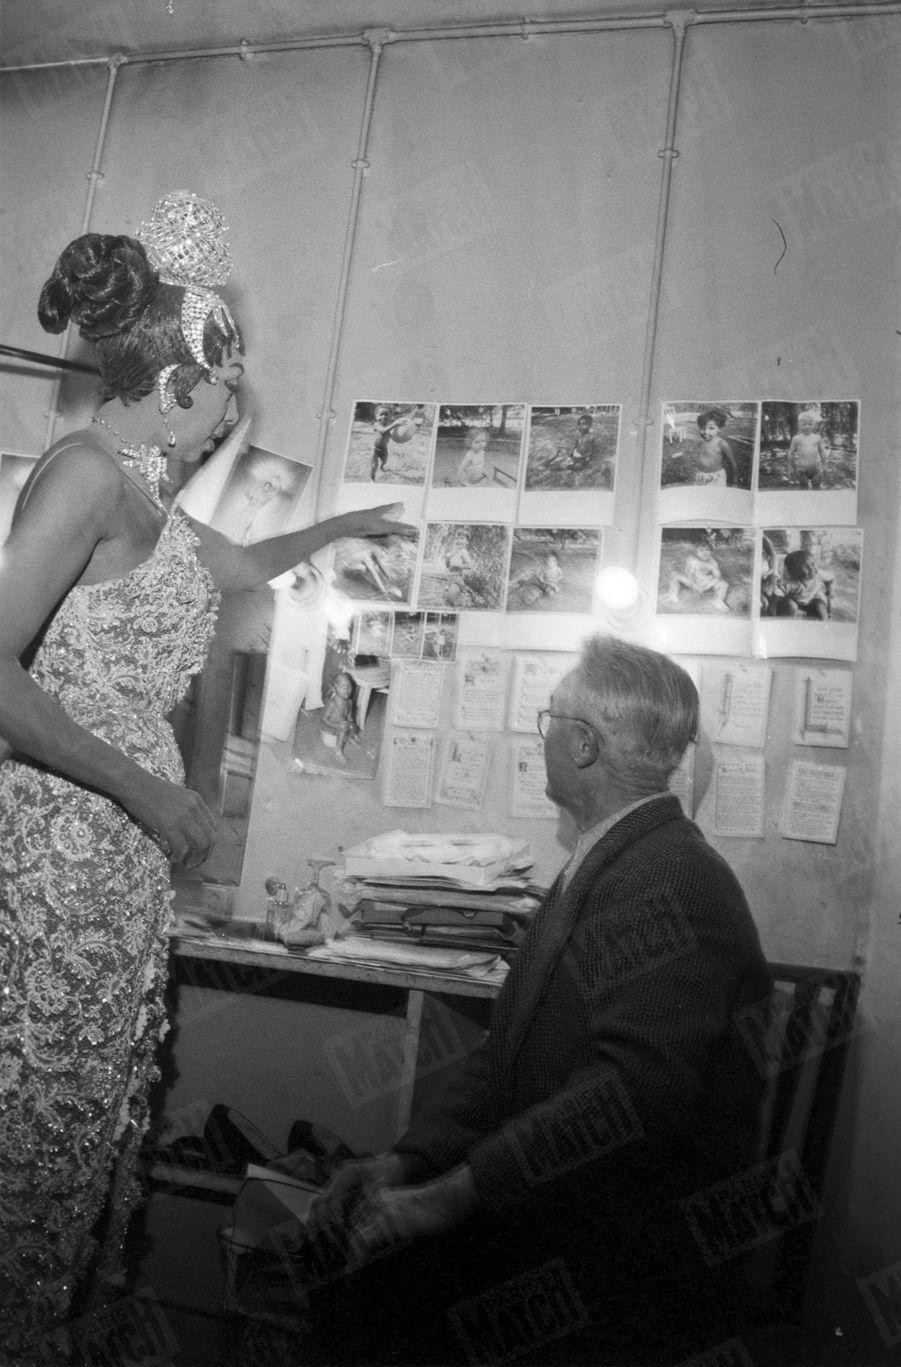 Joséphine Baker dans sa loge del'Olympia avec « Pépère », le chiffonnier de Saint Ouen qui avait retrouvé dans une poubelle le bébé adopté par la chanteuse en décembre 1959. La chanteuse montre les photos de sa tribu «arc-en-ciel».